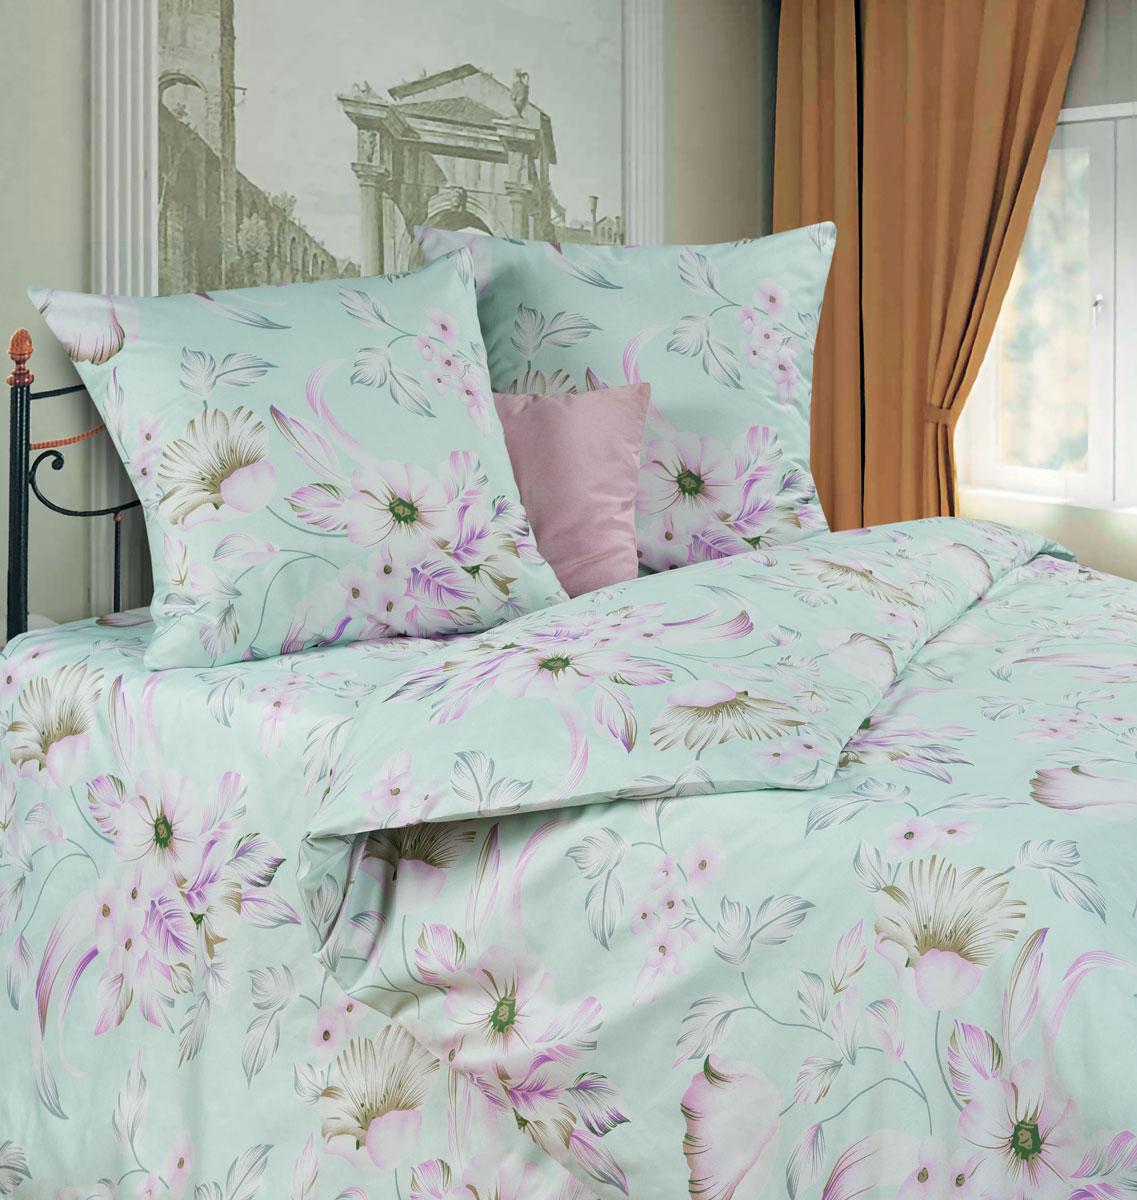 Комплект белья P&W Букет лилий, 2-спальный, наволочки 69x69, цвет: сиреневый, розовый, мятныйPWBl-173-175-69Комплект постельного белья P&W Букет лилий выполнен из микрофибры. Комплект состоит из пододеяльника, простыни и двух наволочек. Постельное белье оформлено изысканным рисунком.Ткань приятная на ощупь, мягкая и нежная, при этом она прочная и хорошо сохраняет форму, легко гладится. Ткань микрофибра - новая технология в производстве постельного белья. Тонкие волокна, используемые в ткани, производят путем переработки полиамида и полиэстера. Такая нить не впитывает влагу, как хлопок, а пропускает ее через себя, и влага быстро испаряется. Изделие не деформируется и хорошо держит форму. Благодаря такому комплекту постельного белья, вы сможете создать атмосферу роскоши и романтики в вашей спальне.